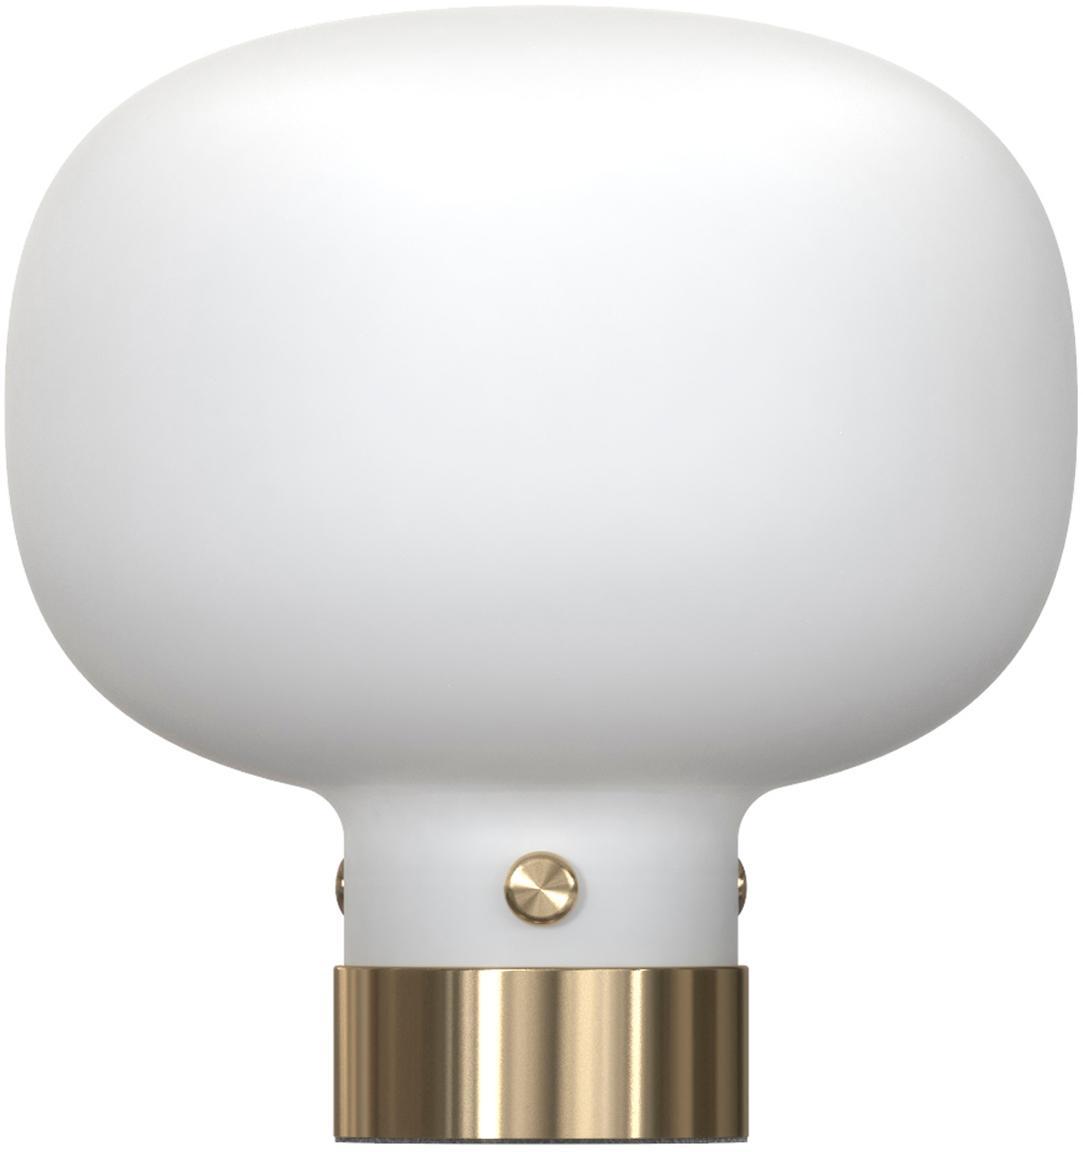 Tischlampe Raito aus Glas, Opalglas, Metall, Opalweiß, Messingfarben, Ø 20 x H 21 cm